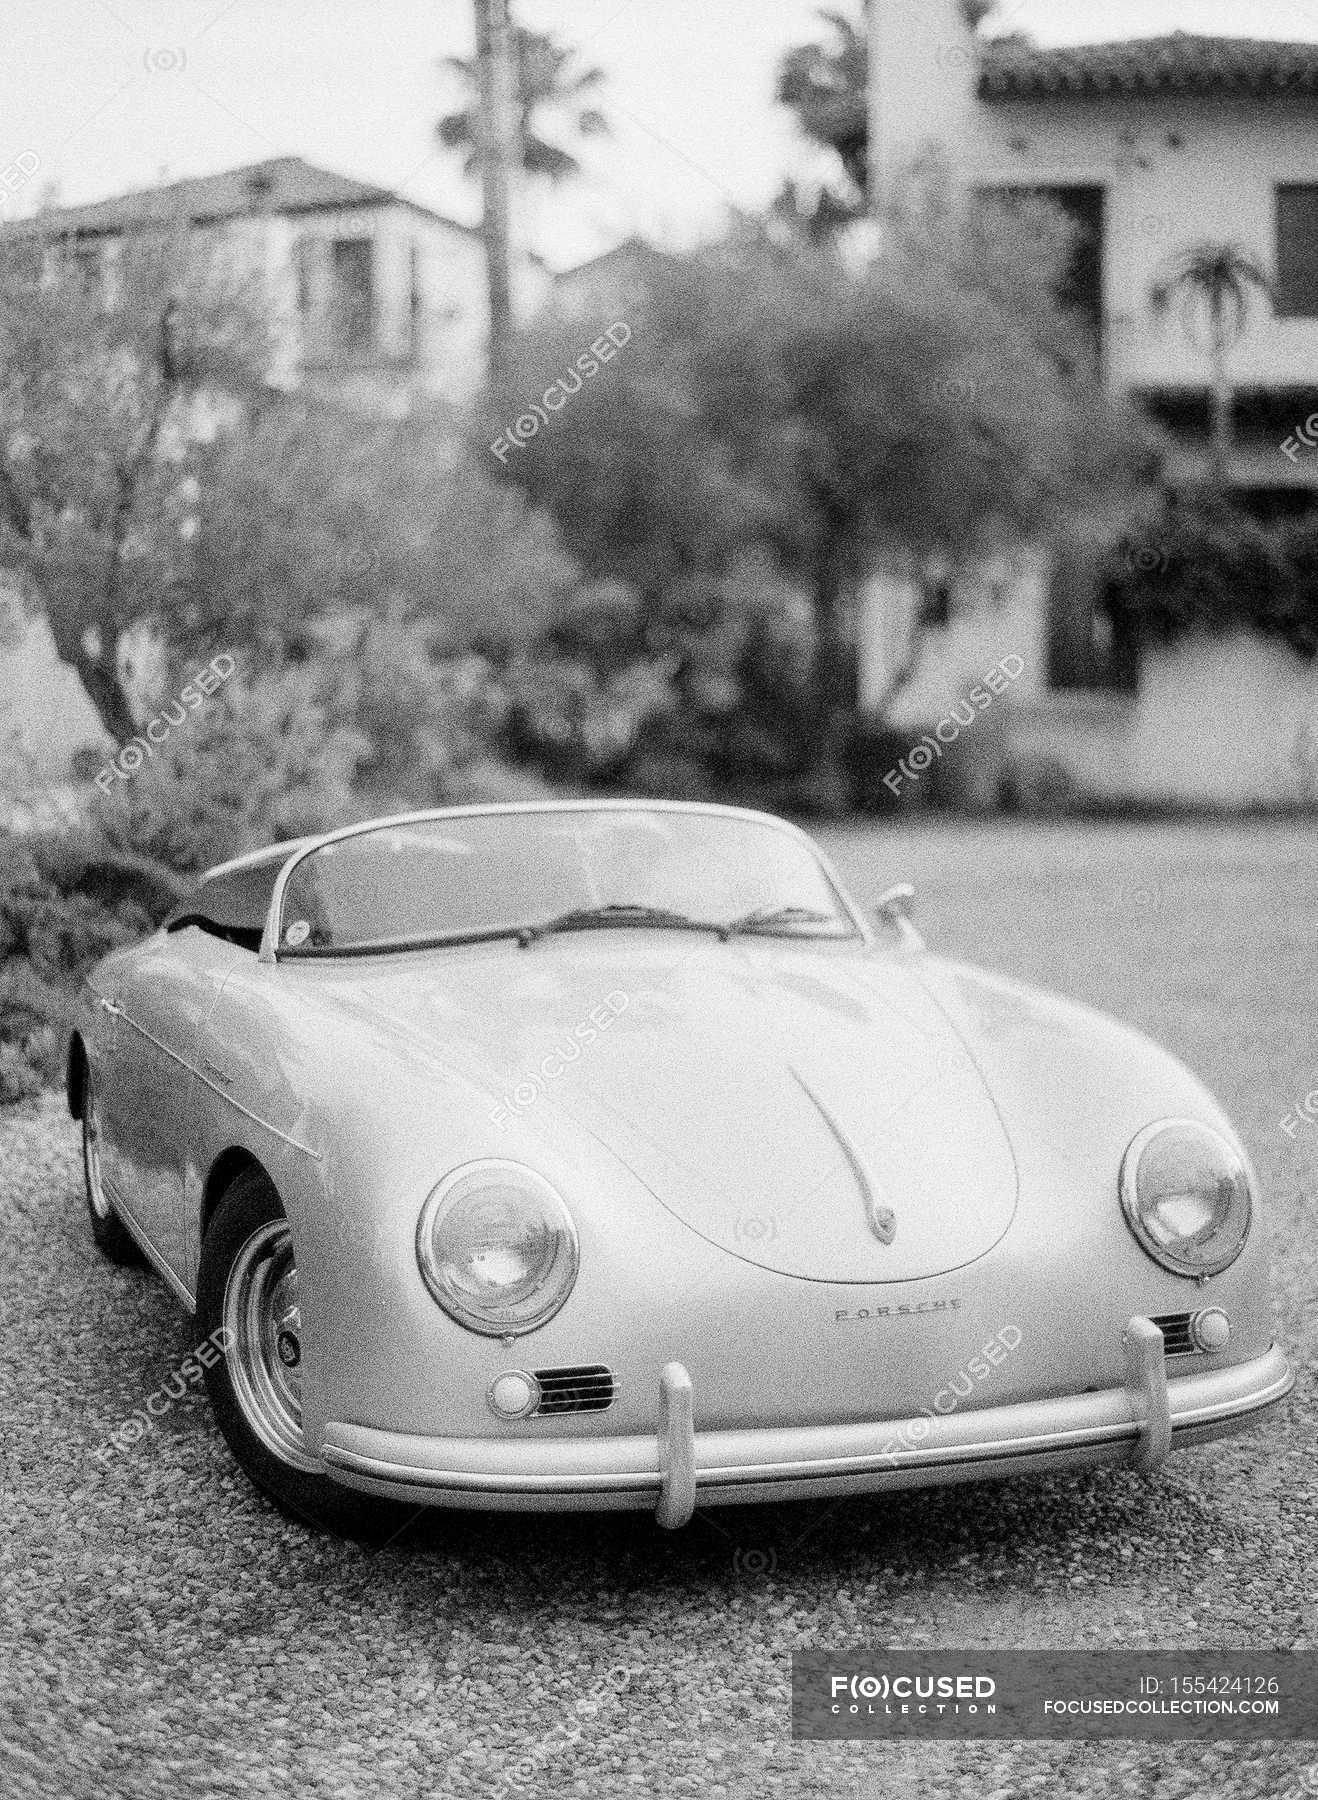 Vintage Porsche Cabriolet Car Automobile Polished Stock Photo 155424126